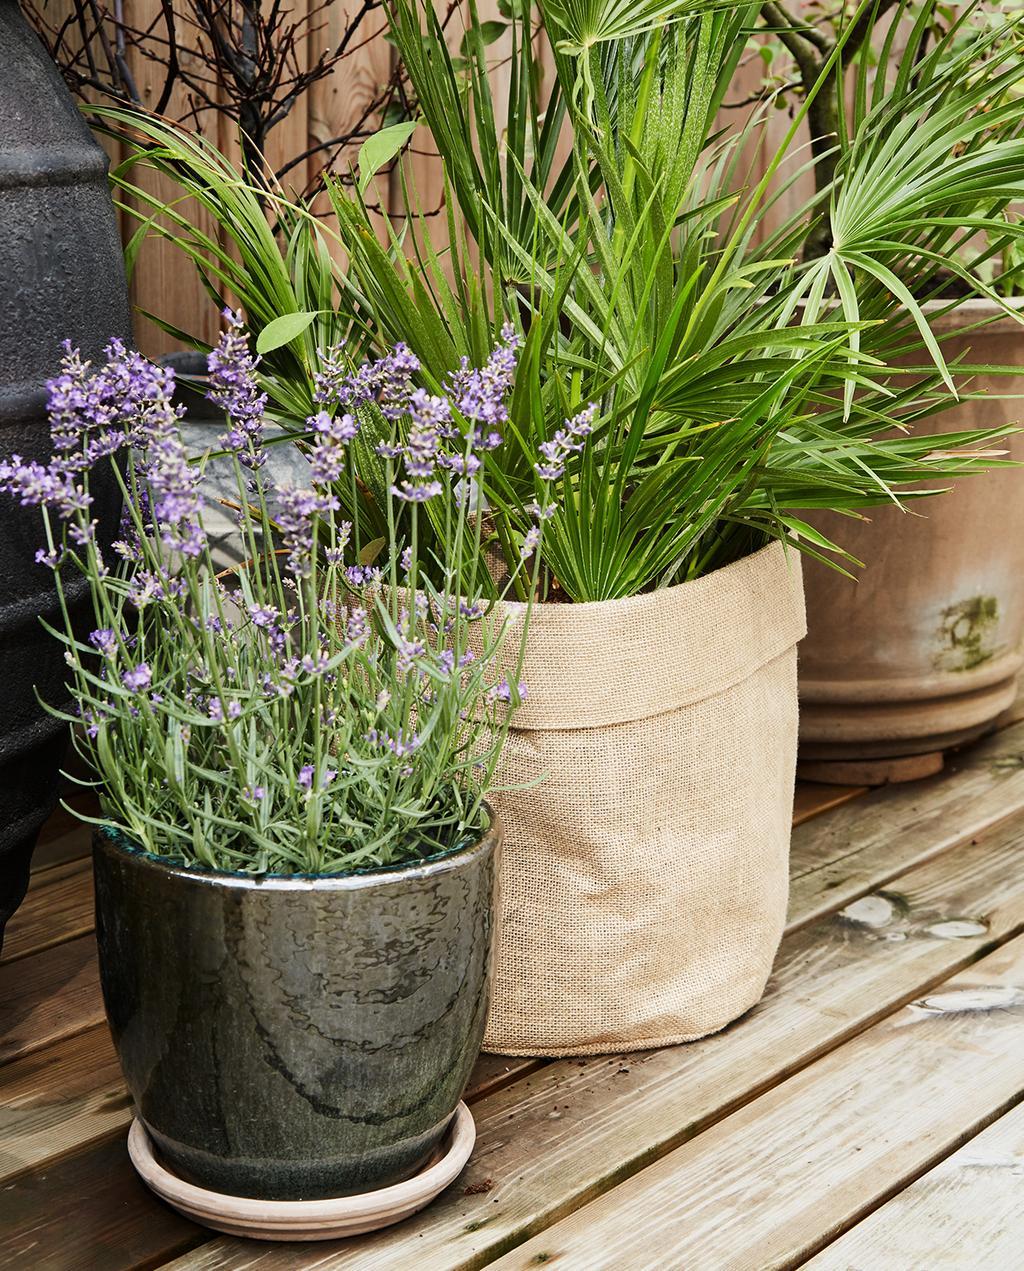 vtwonen tuin special 2 2020 | bloempotten in terra en grijs kleur